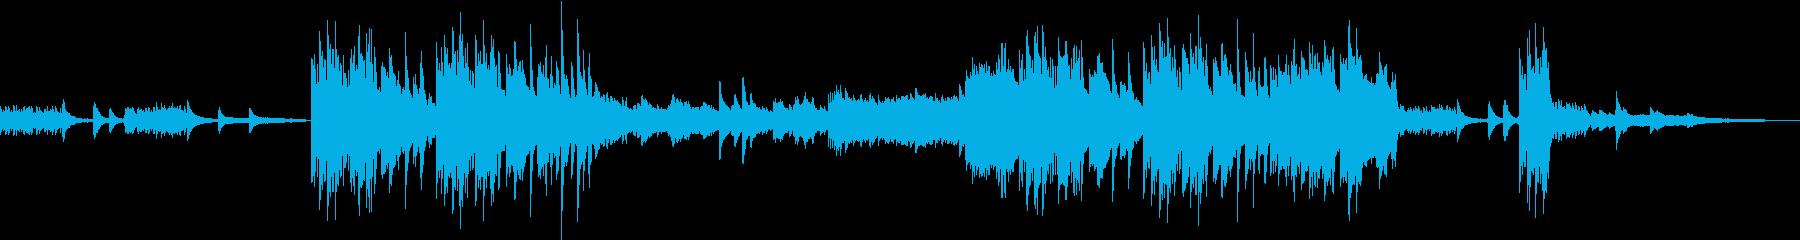 後悔・絶望的な雰囲気に適したピアノソロの再生済みの波形